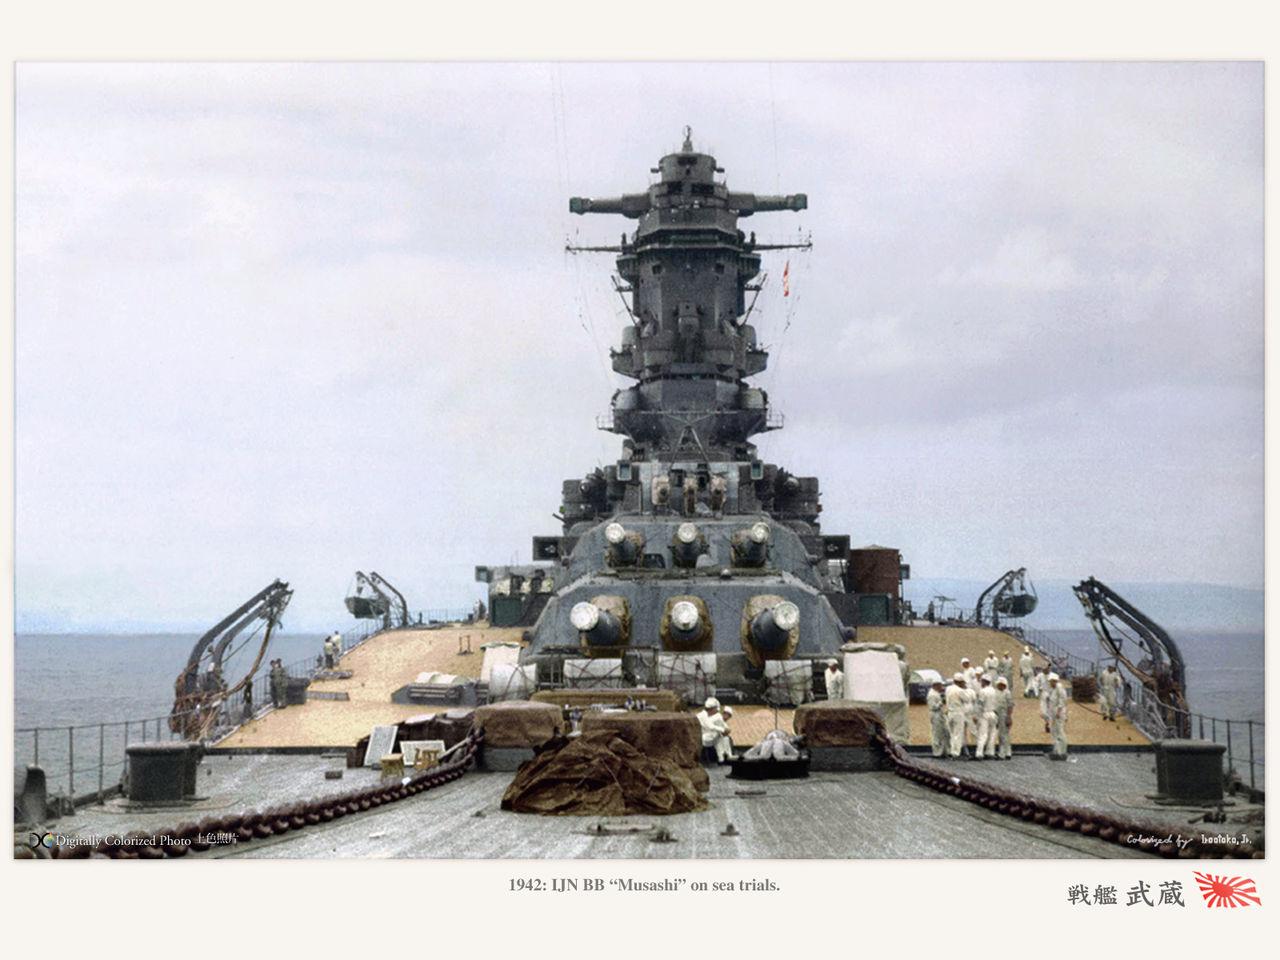 戦艦武蔵と乗務員の壁紙